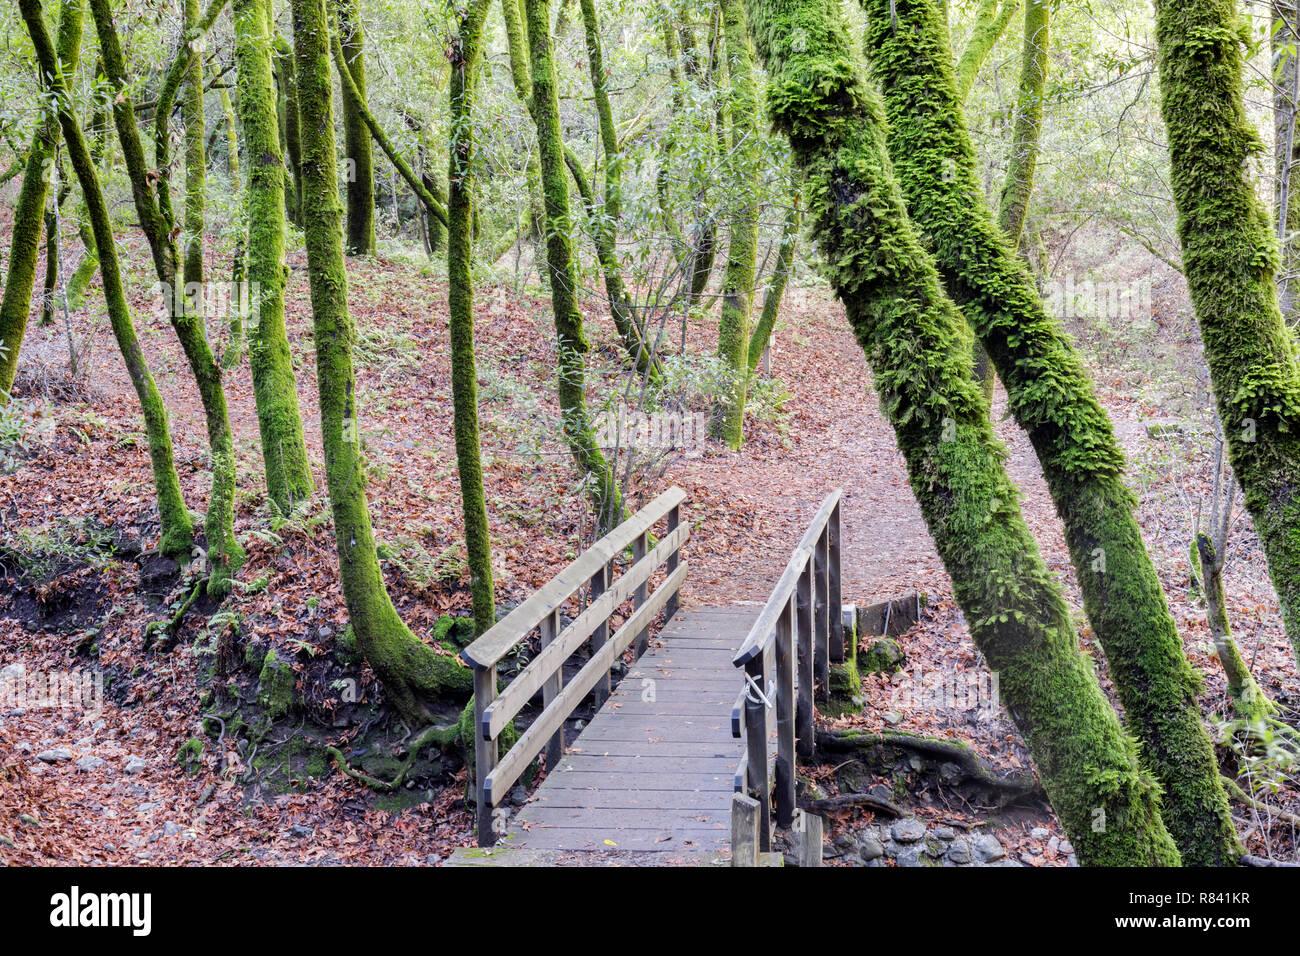 Passerelle en Californie Bay Laurel Forest. Banque D'Images